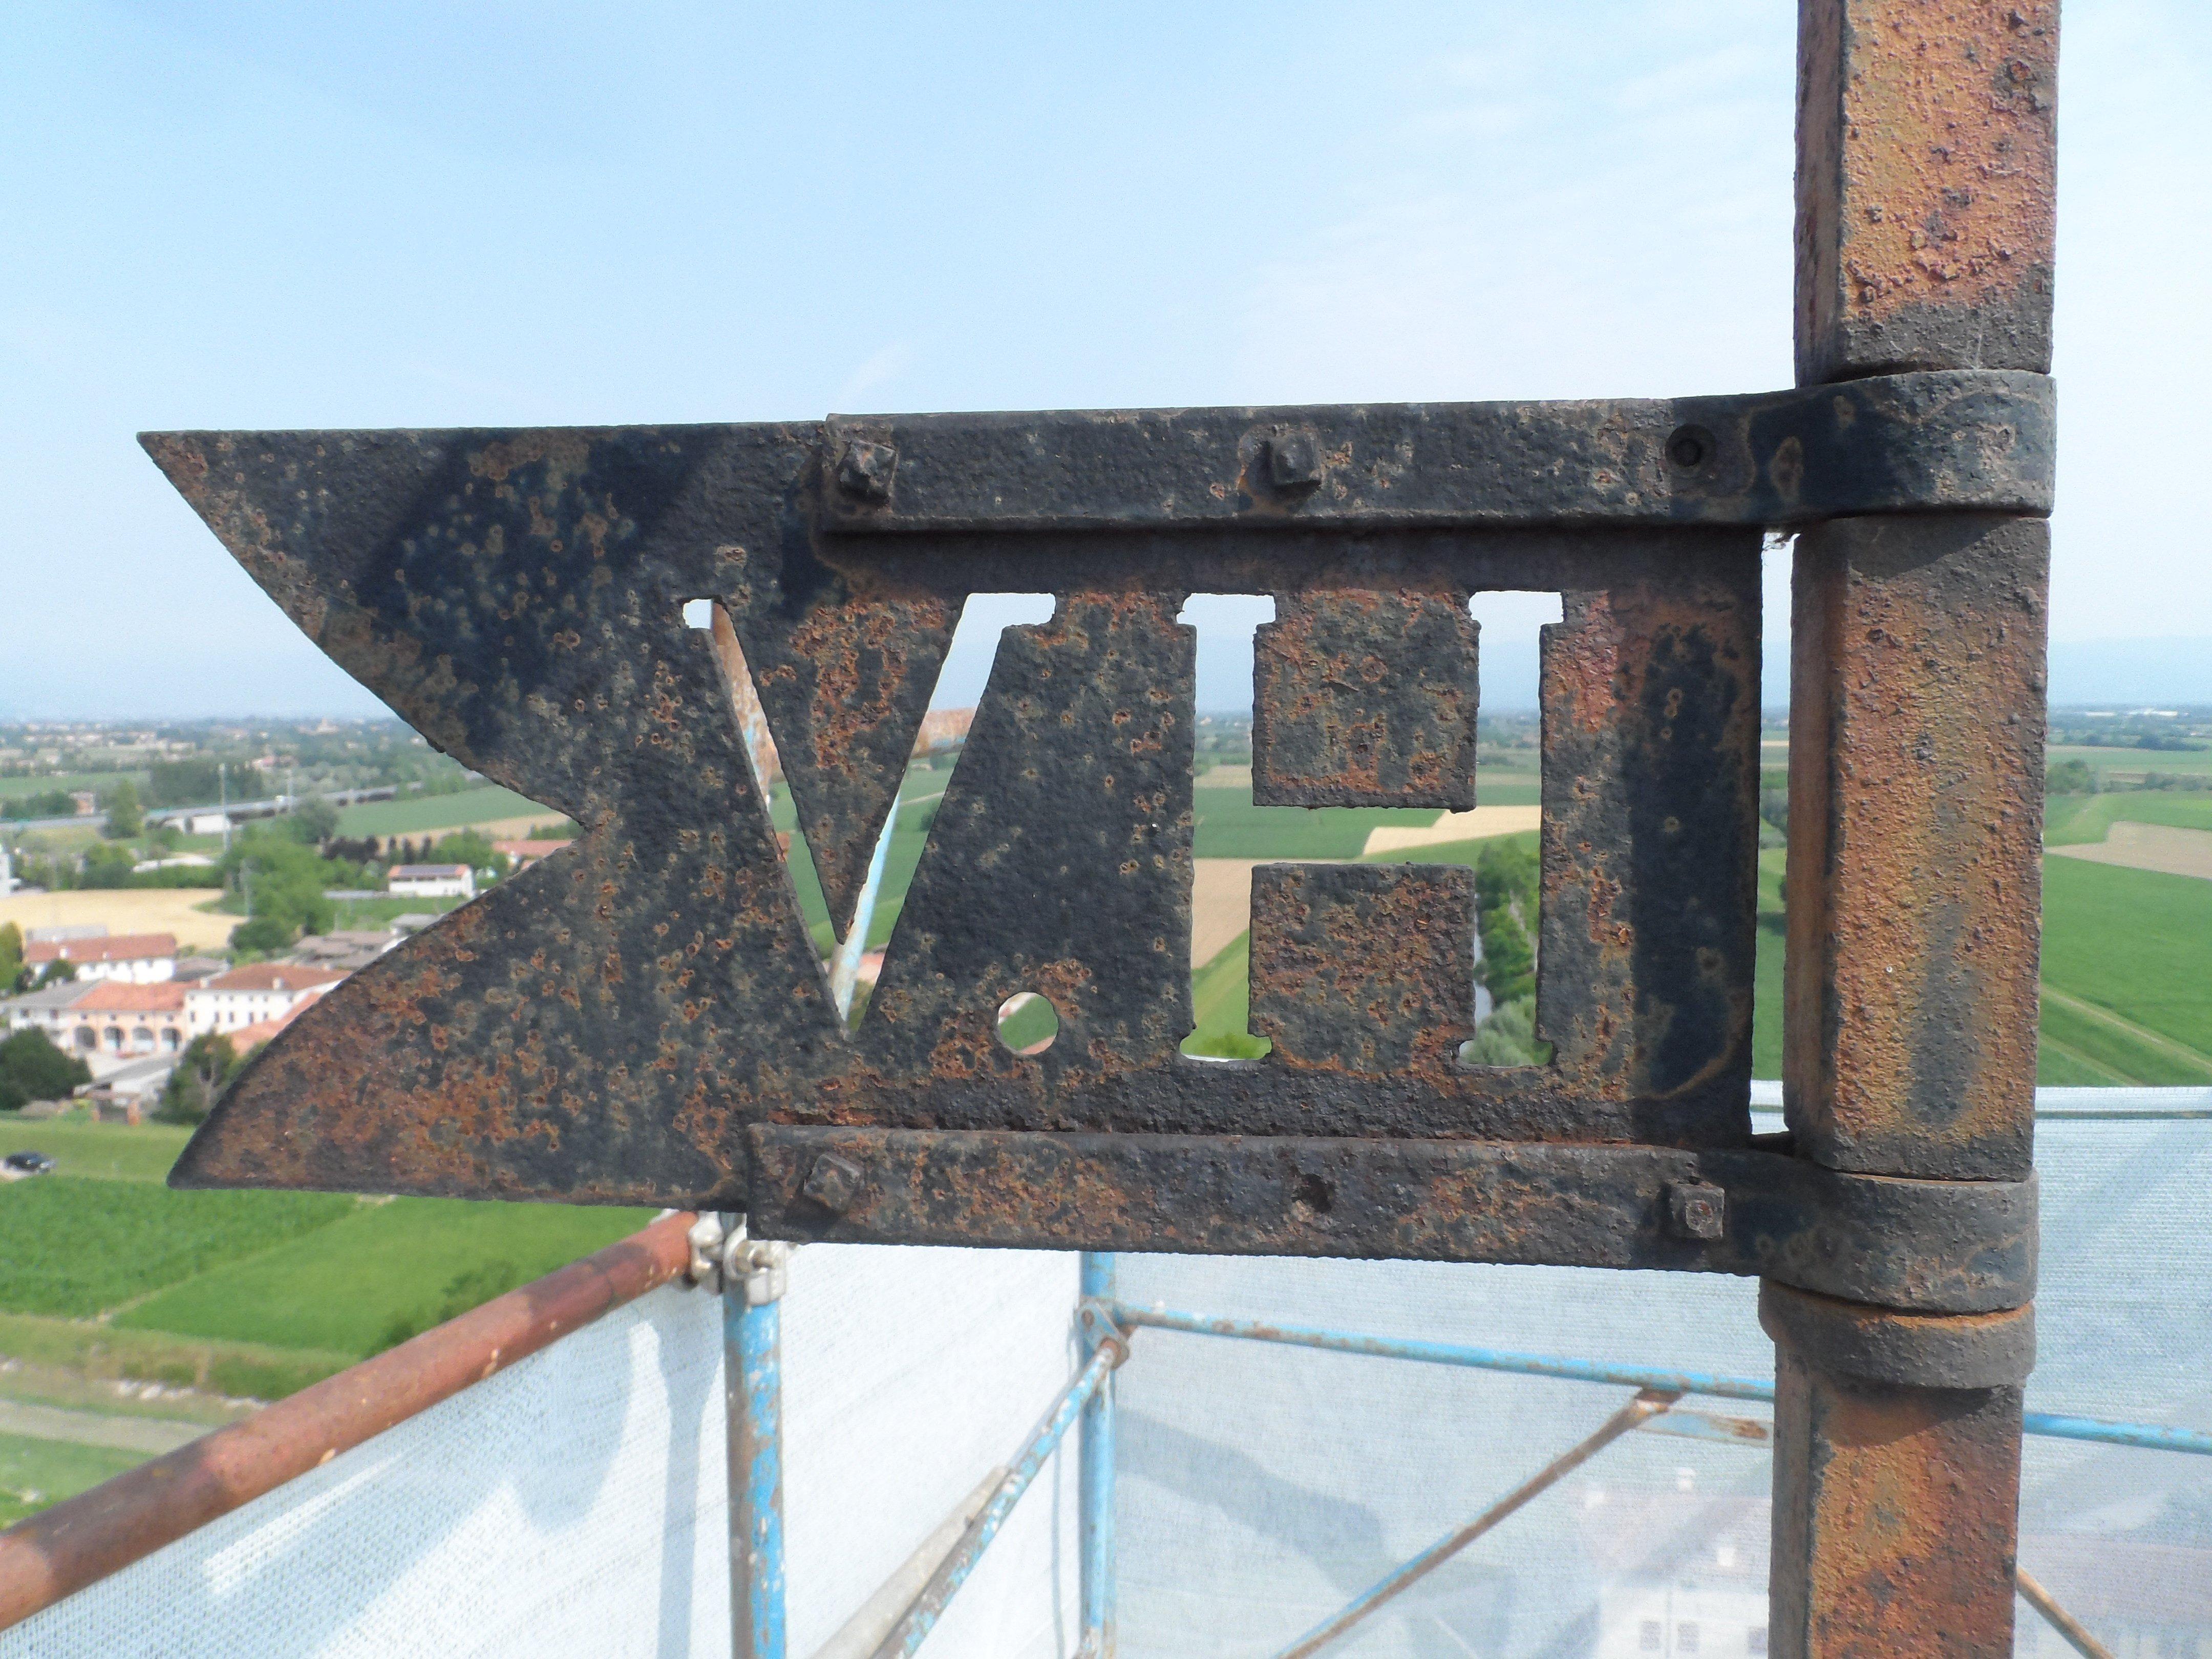 scritta VH incisa nel metallo